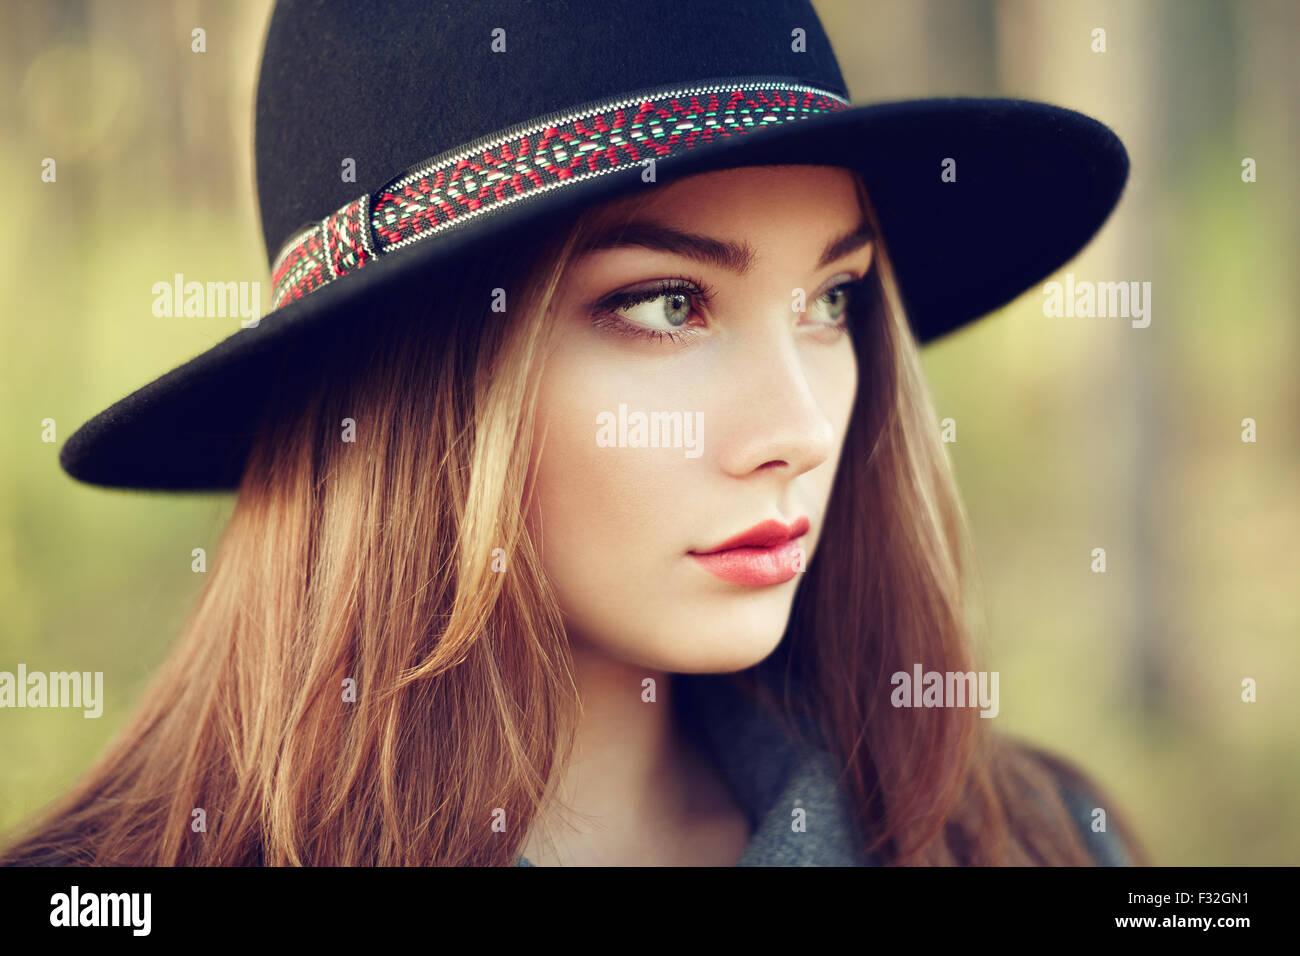 Ritratto di giovane donna bella in autunno cappotto. La ragazza di hat. Fotografia di moda Immagini Stock